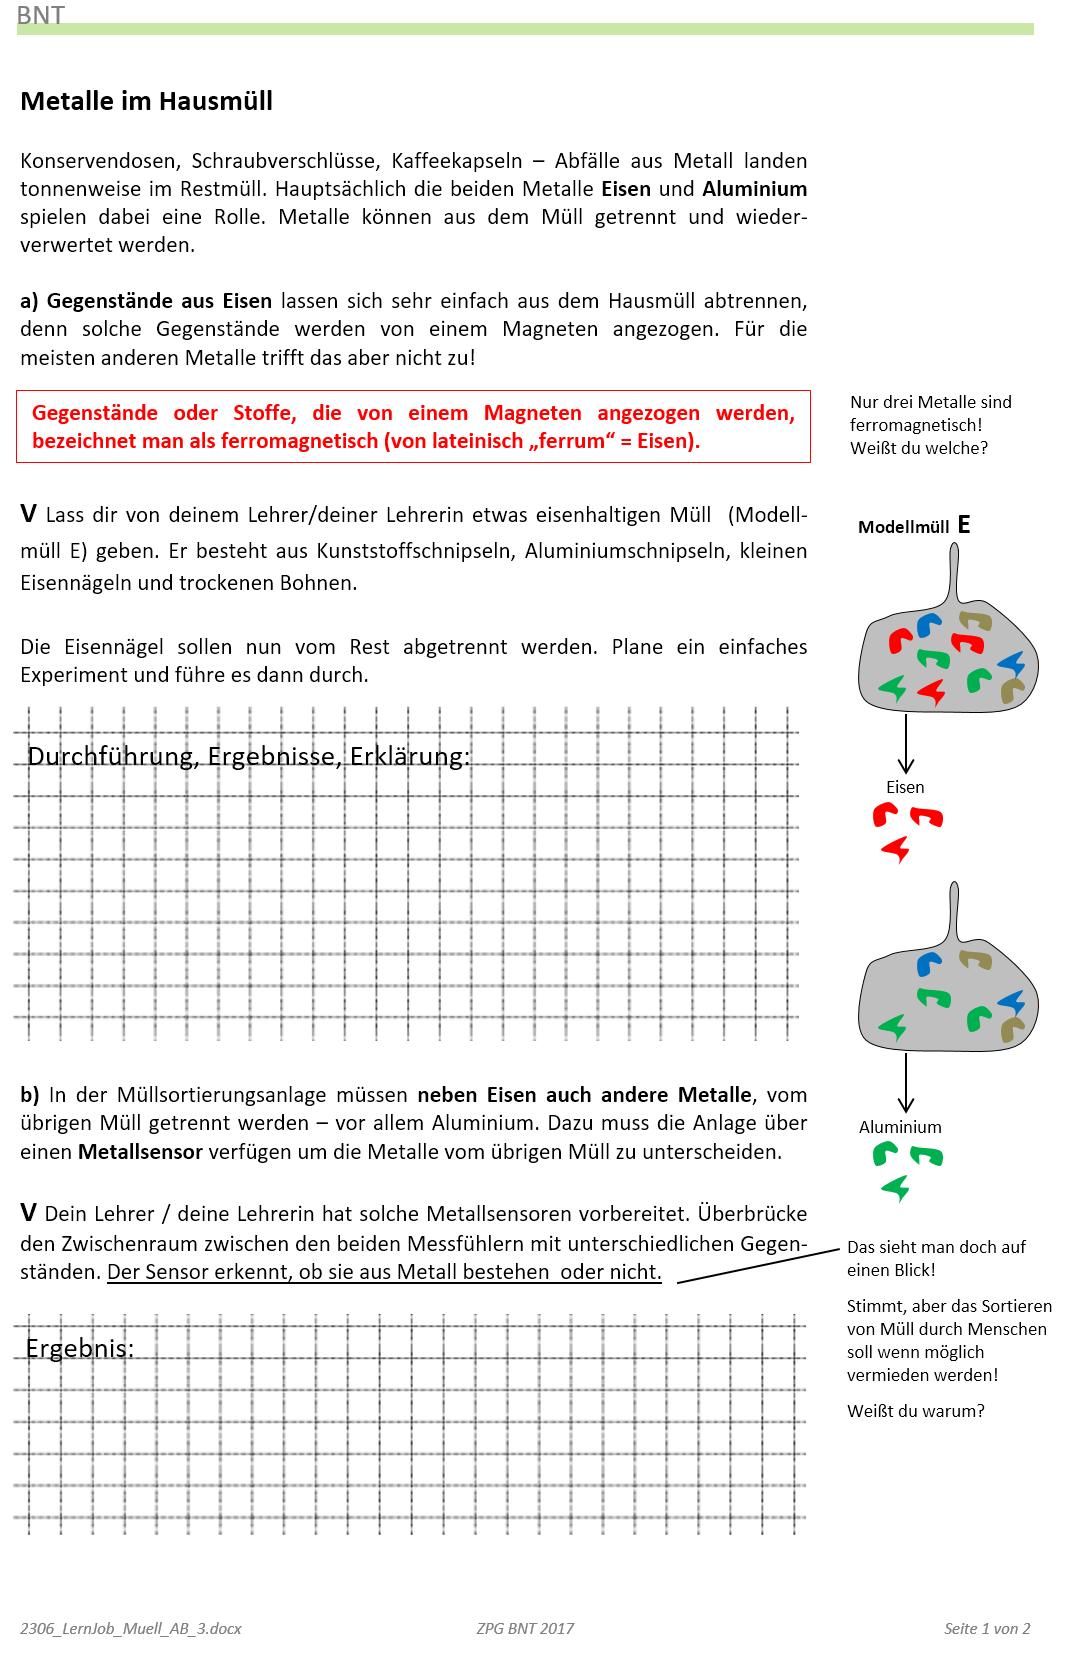 Schön Wissenschaftlicher Prozess Arbeitsblatt Galerie - Arbeitsblatt ...